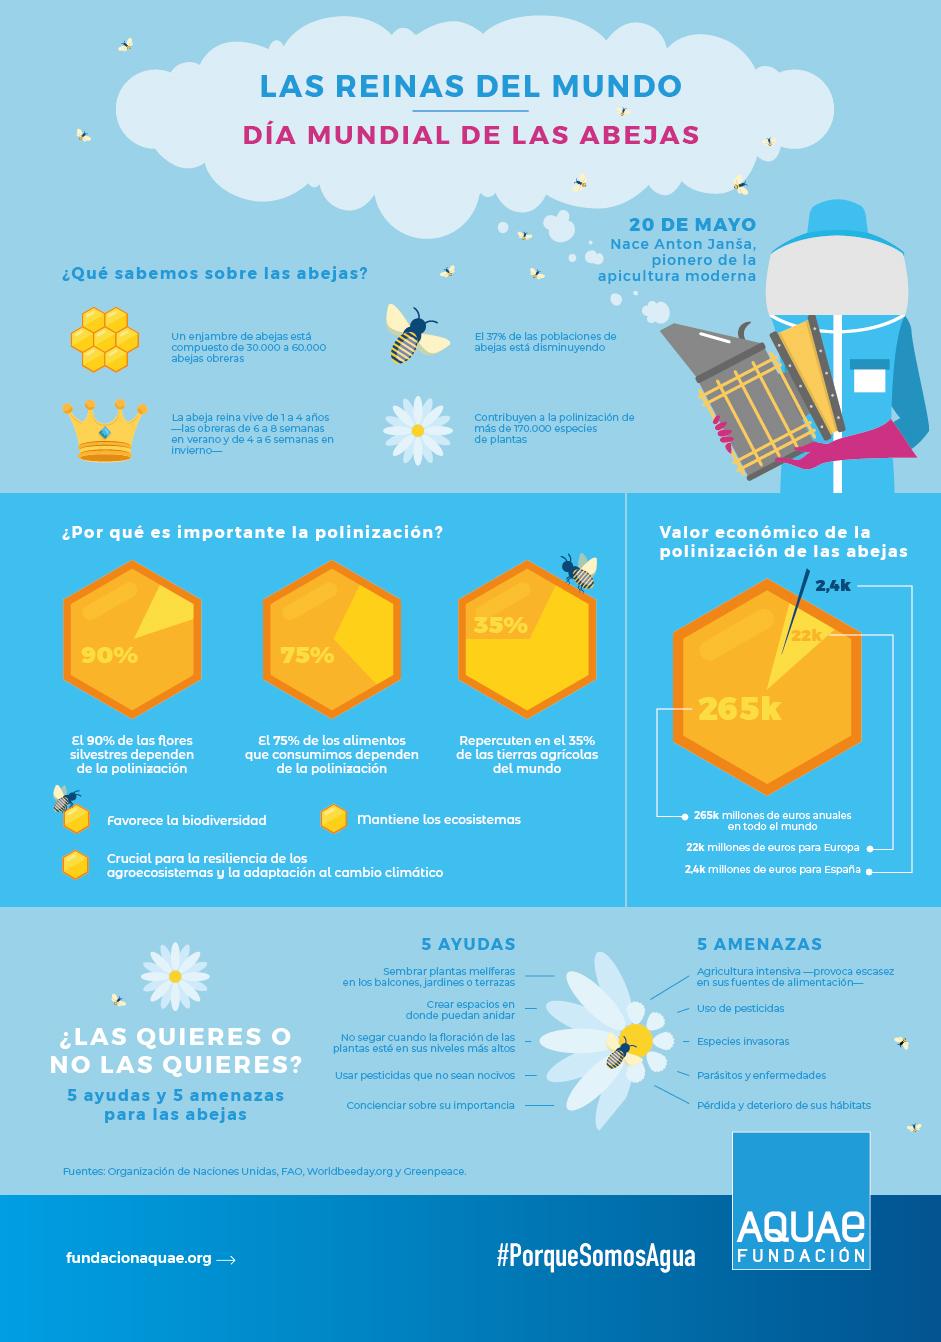 Las abejas y su importancia